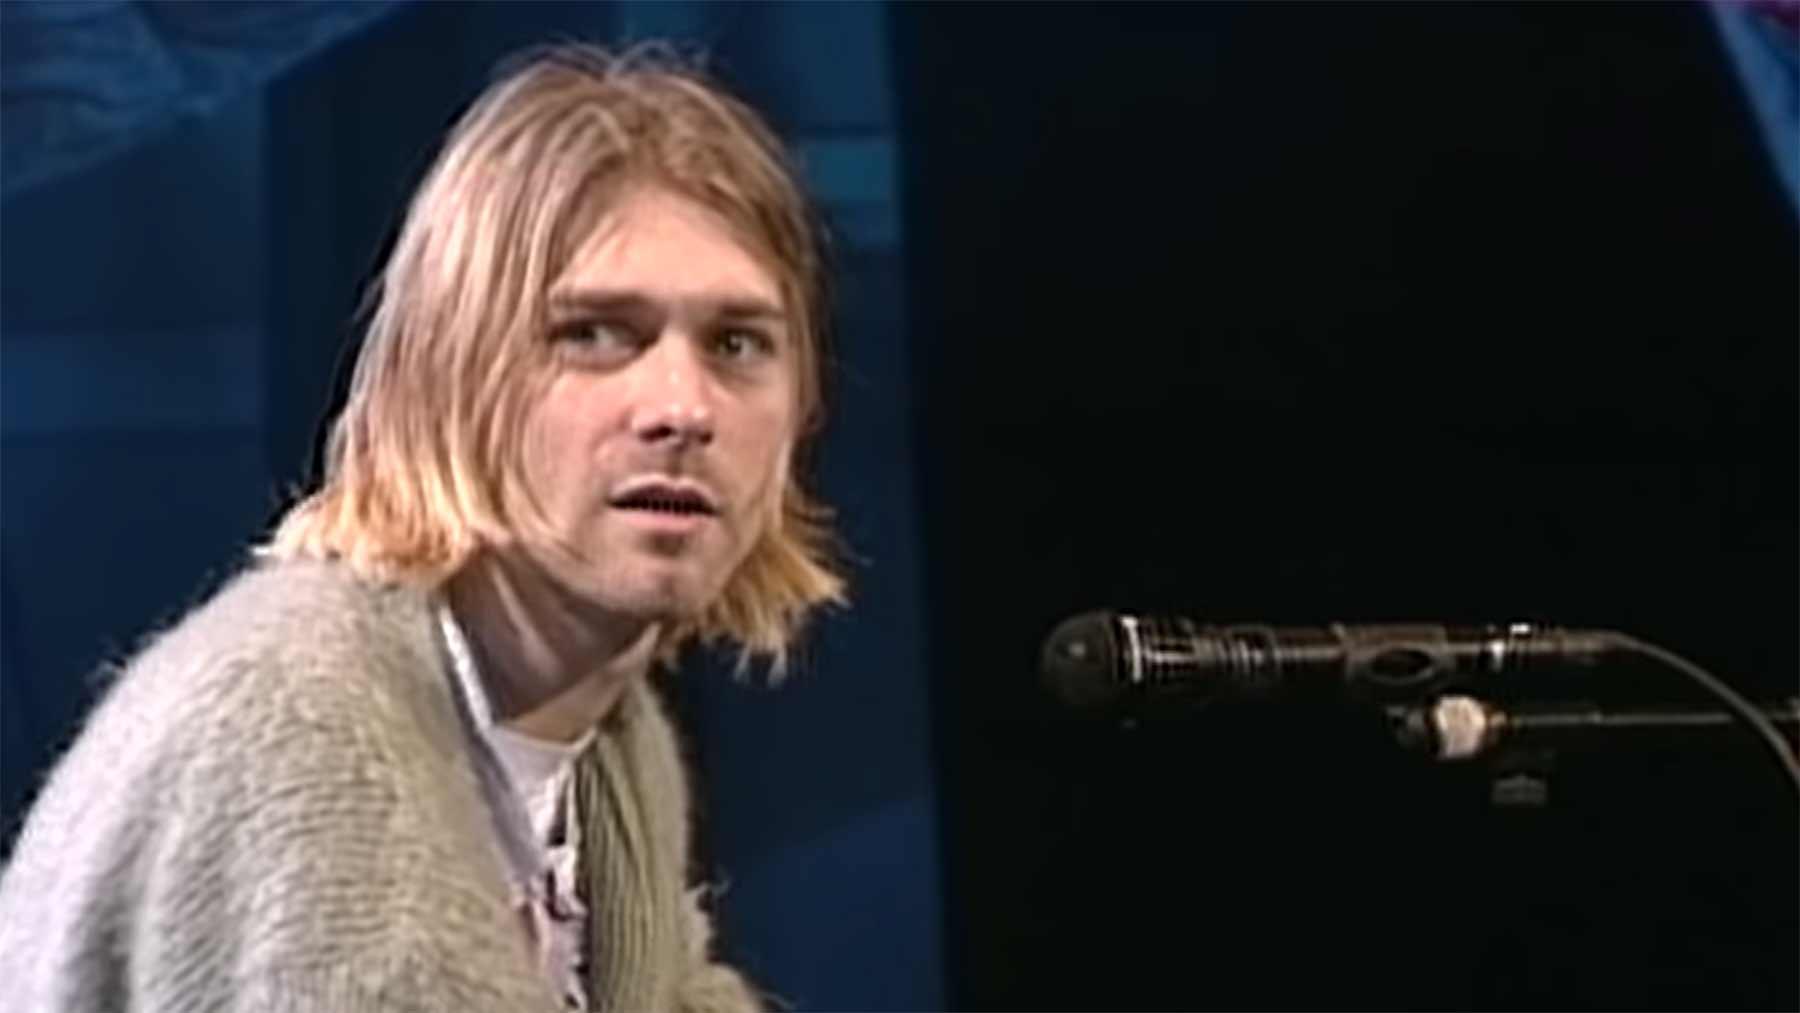 Nirvana: Aufnahmen zu den MTV Unplugged-Proben 1993 nirvana-mtv-unplugged-probeaufnahmen